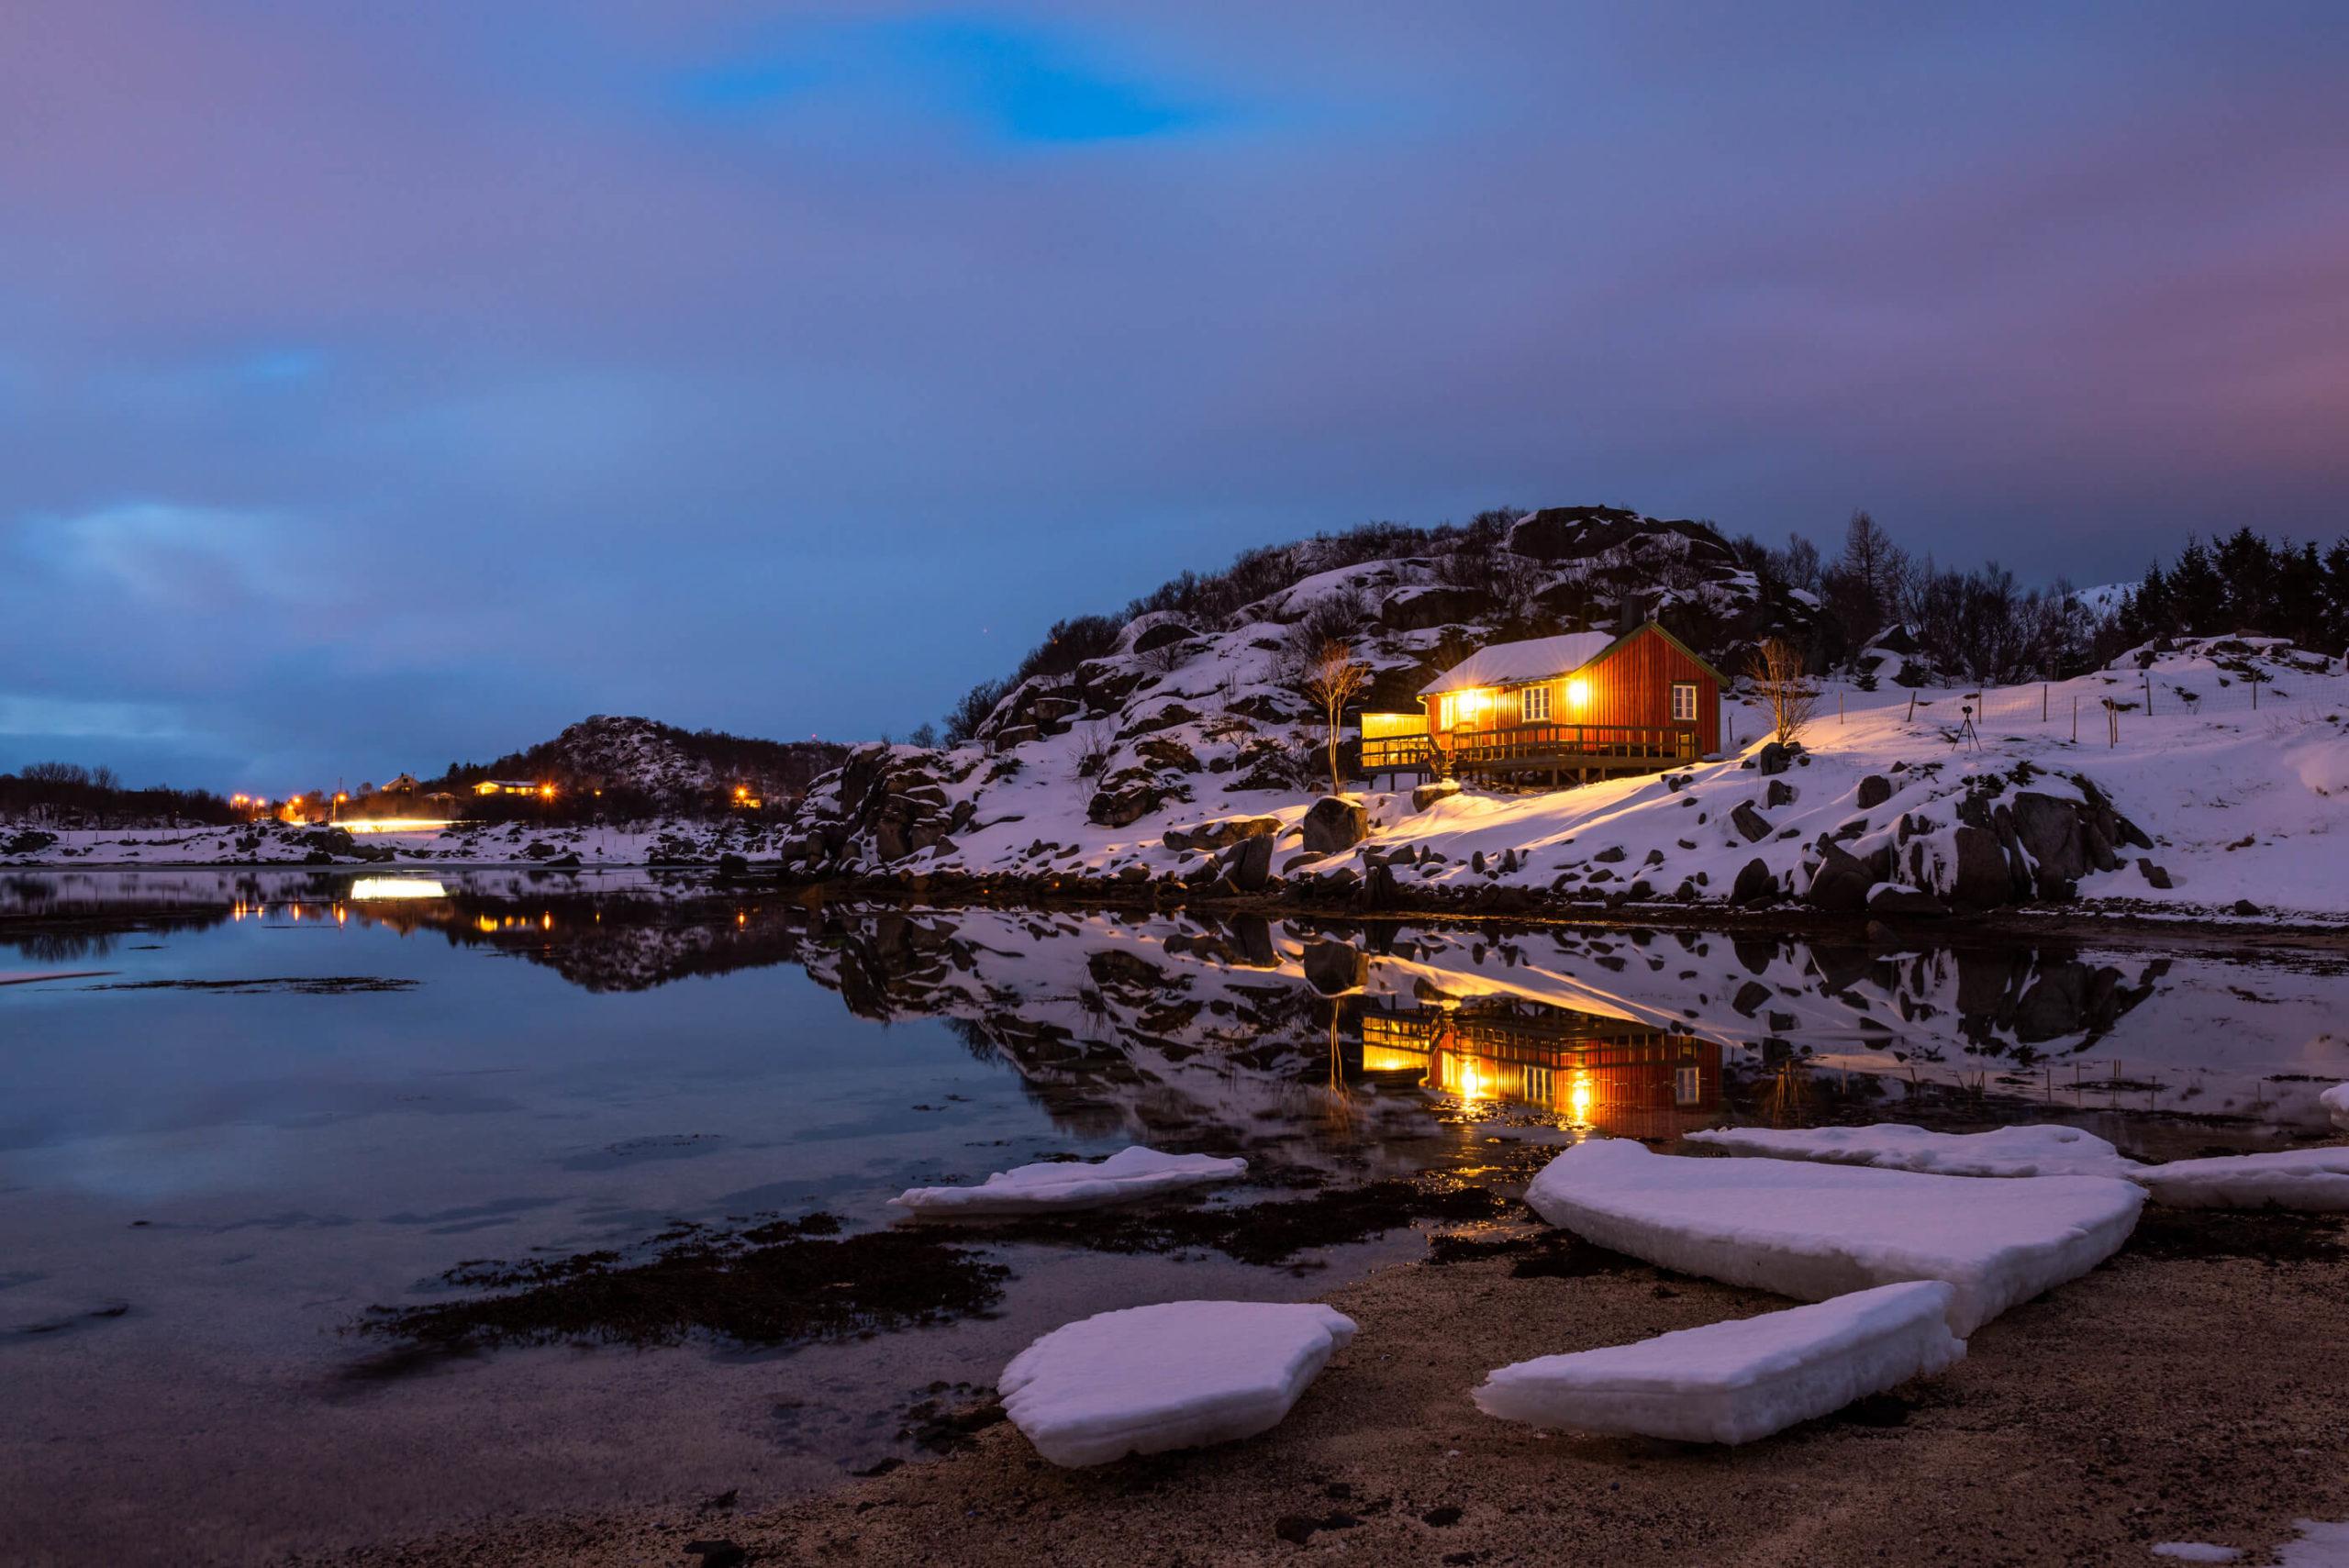 Zurück in Norwegen